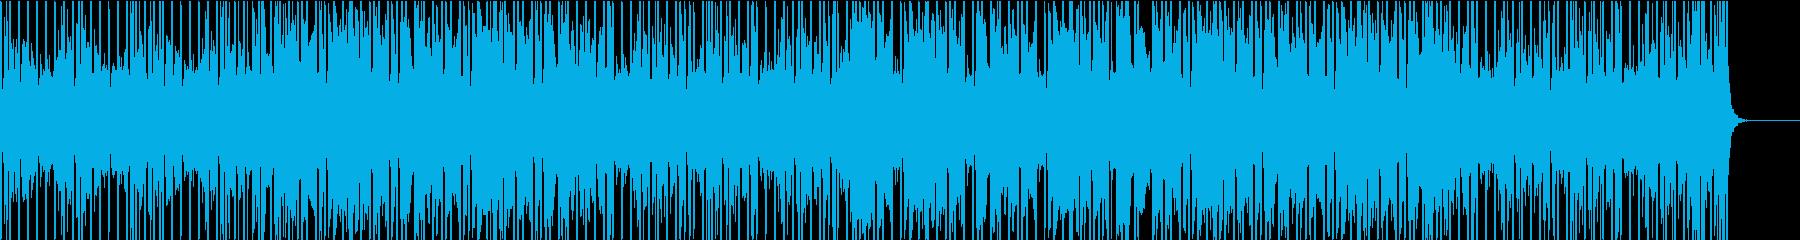 力強いテクノの再生済みの波形